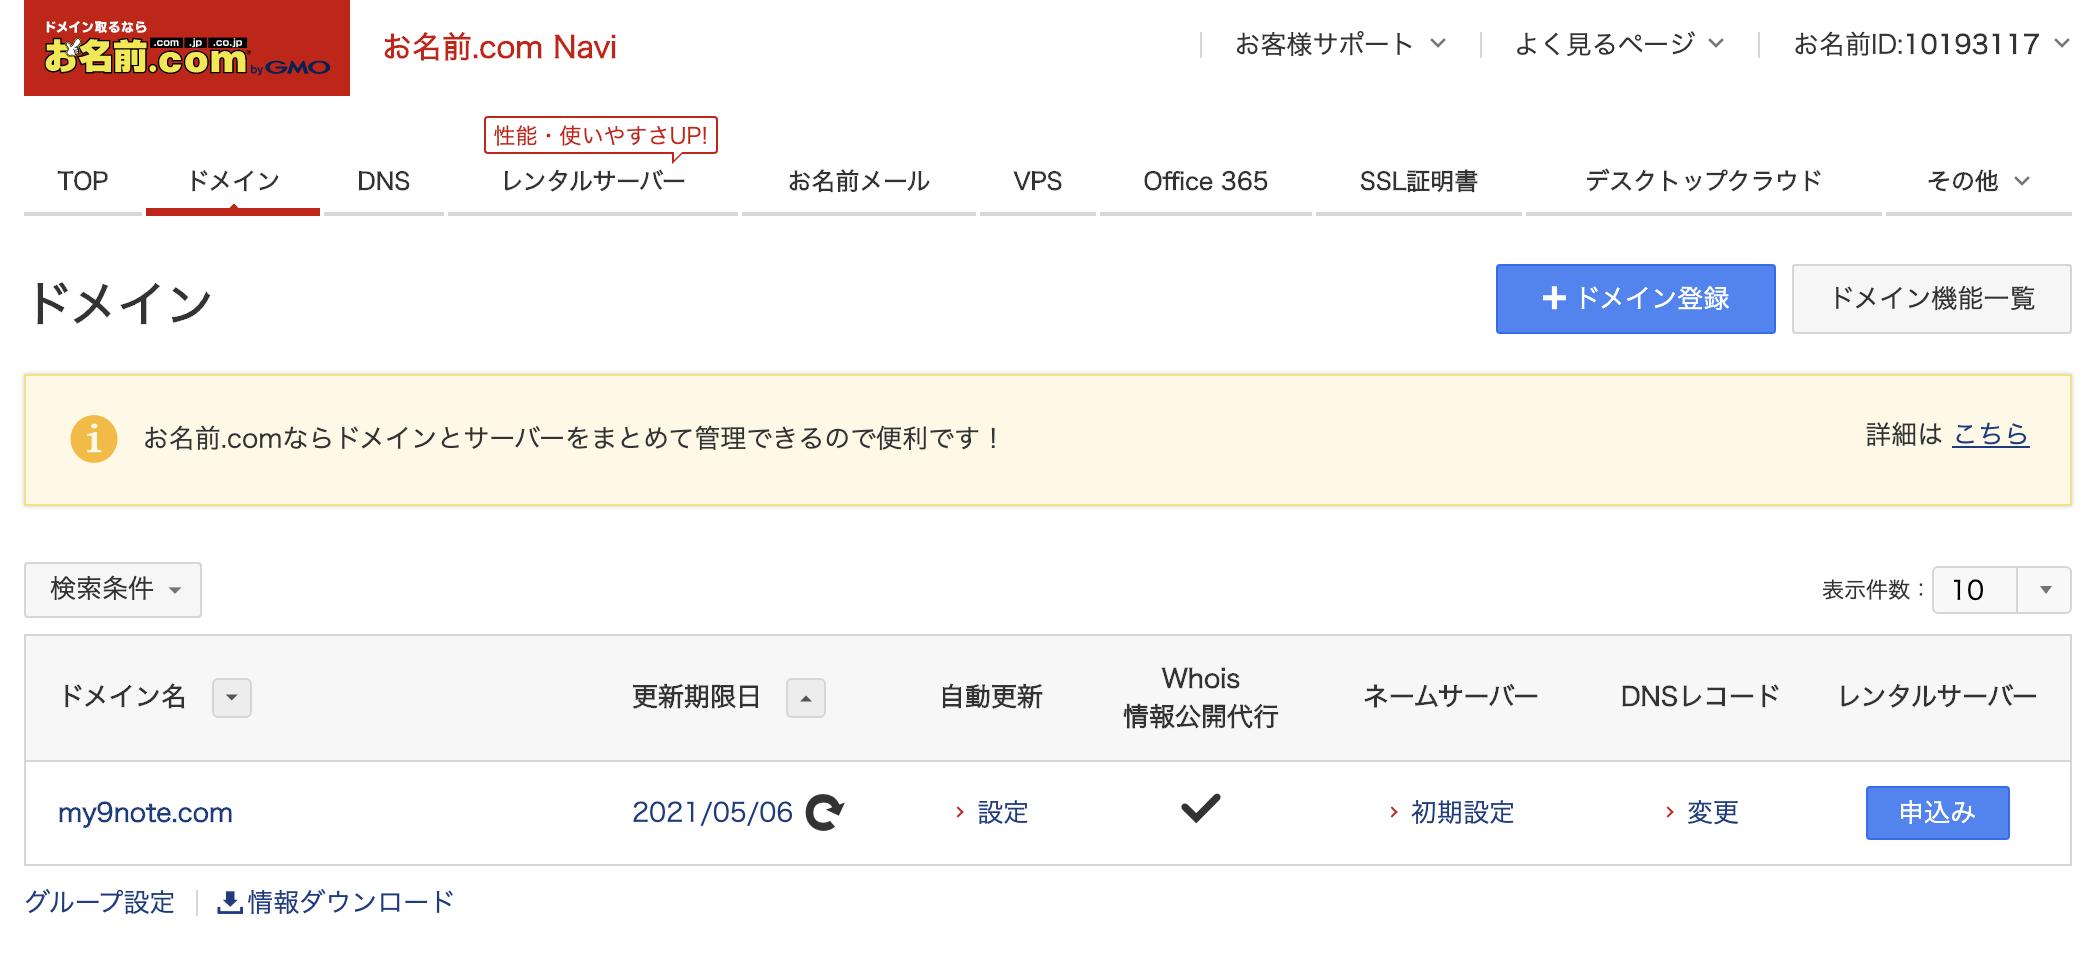 スクリーンショット 2020-05-07 1.04.50